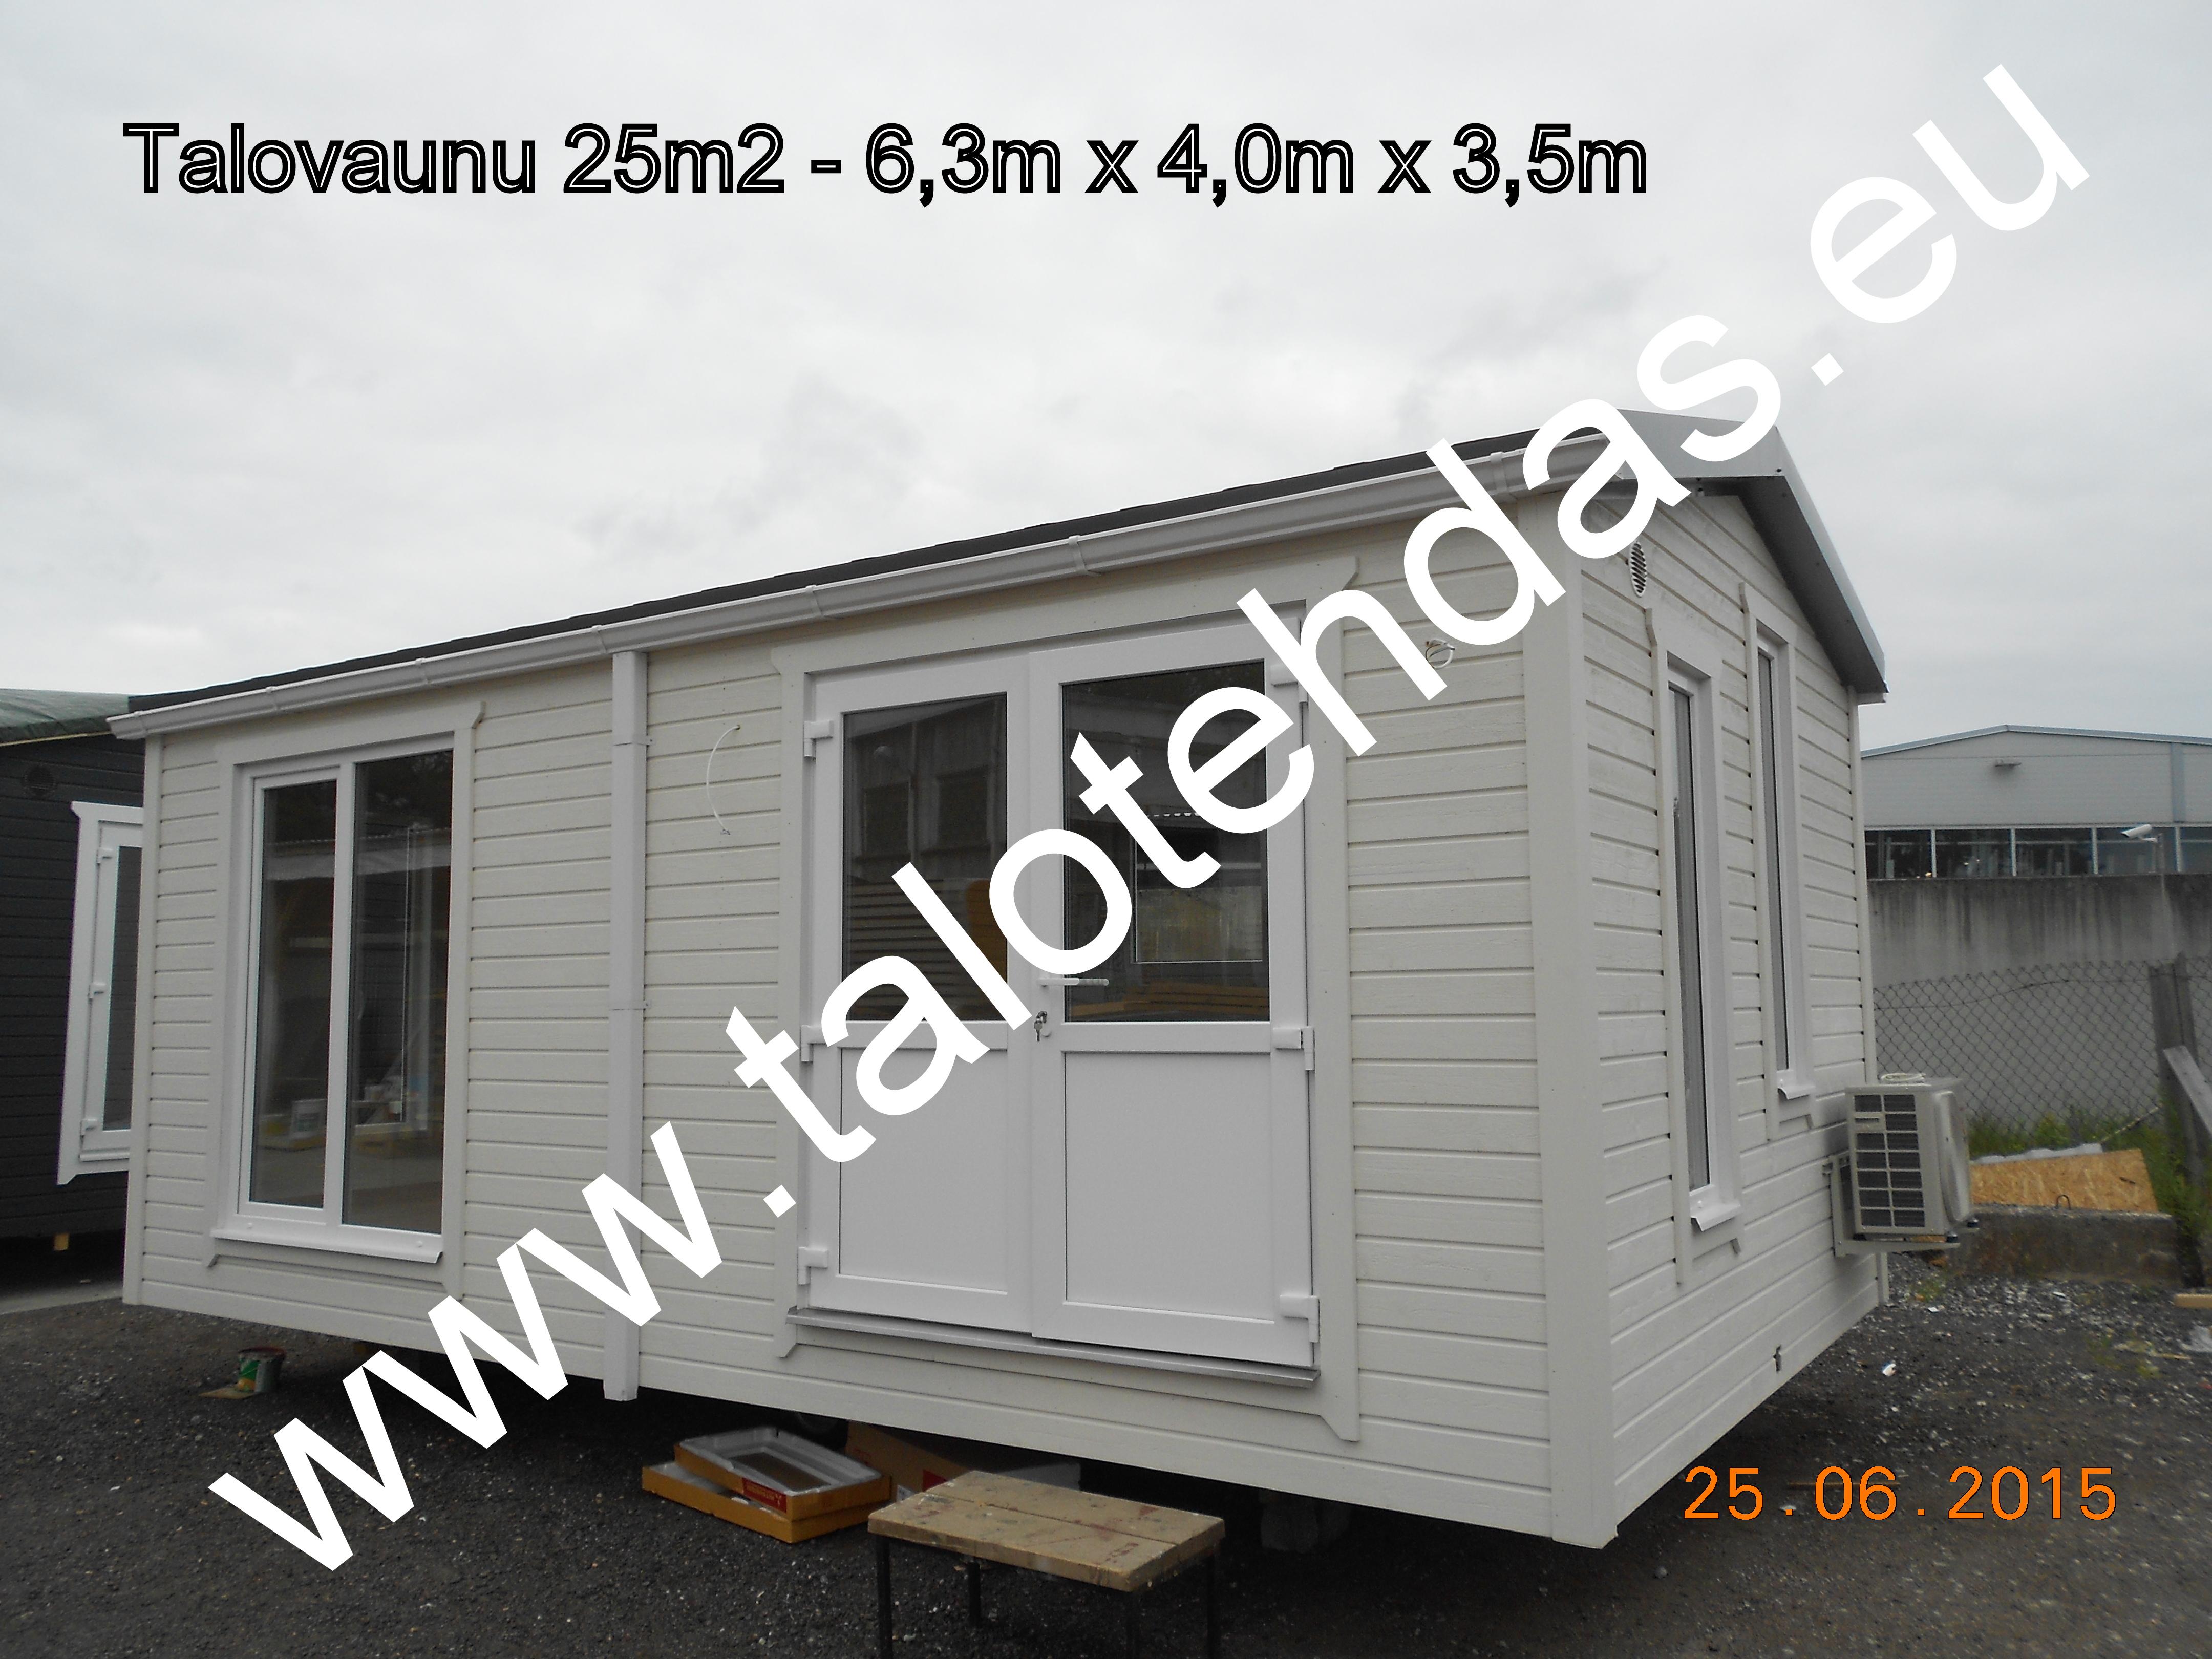 Talovaunu, talovaunut, talovaunu Virosta, talotehdas, ratastelkodu, työmaakoppi, toimisto, pyörillä talo.